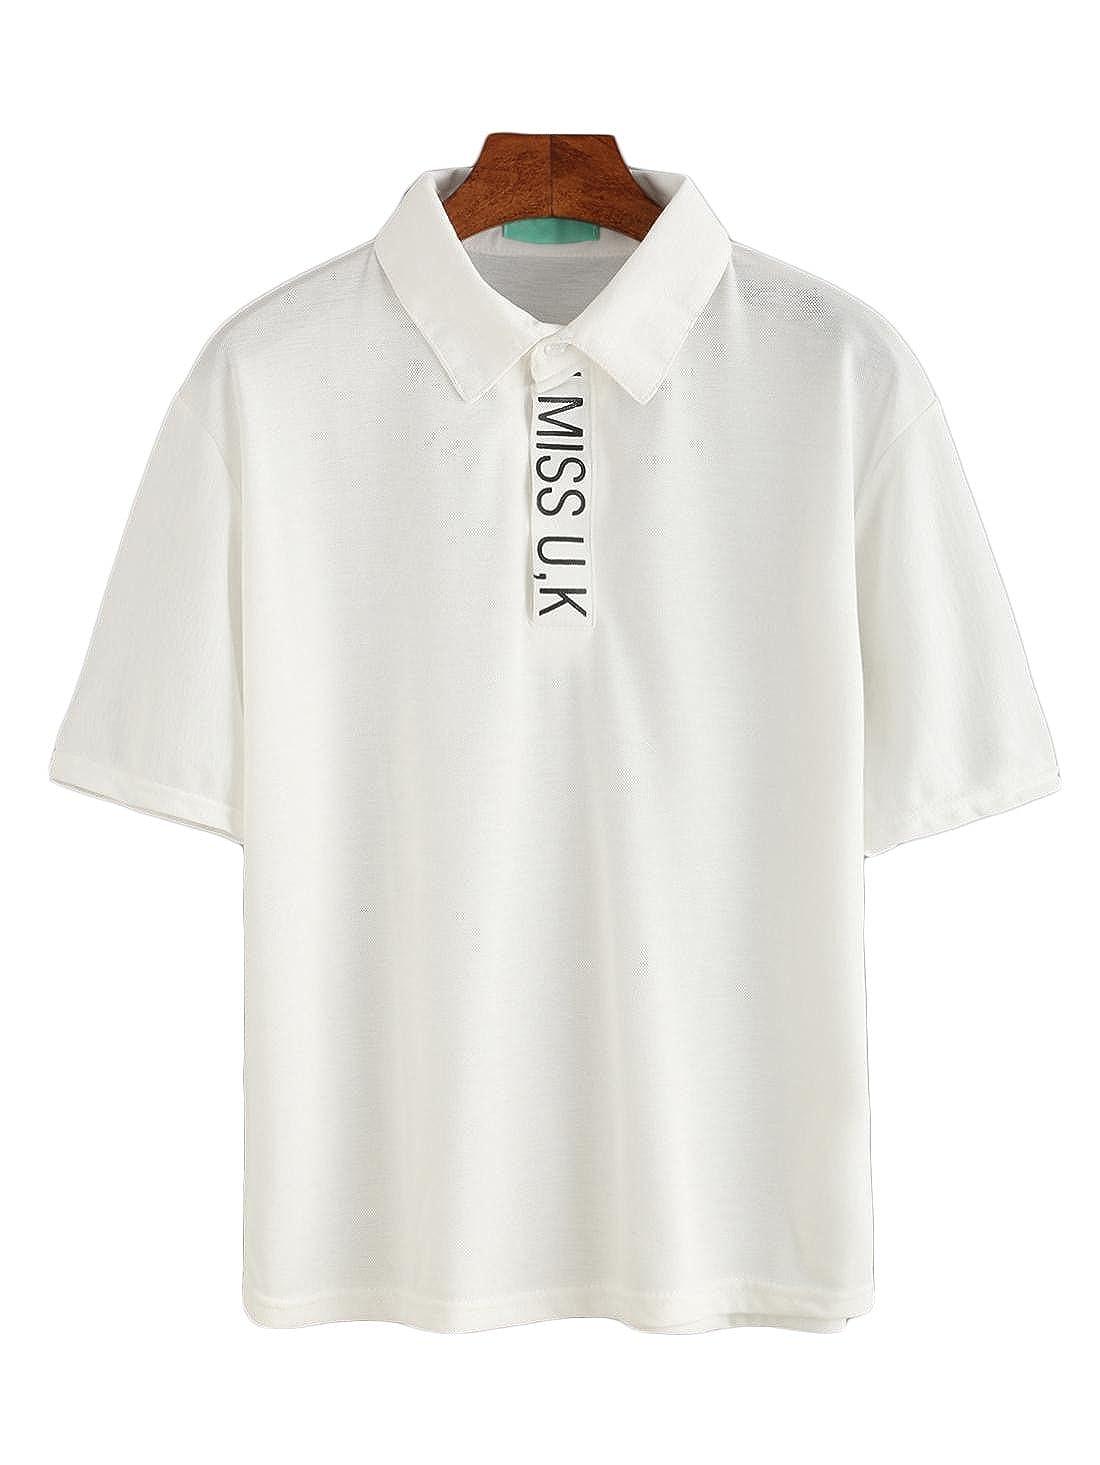 de las mujeres en letra de molde la camiseta del polo: Amazon.es ...